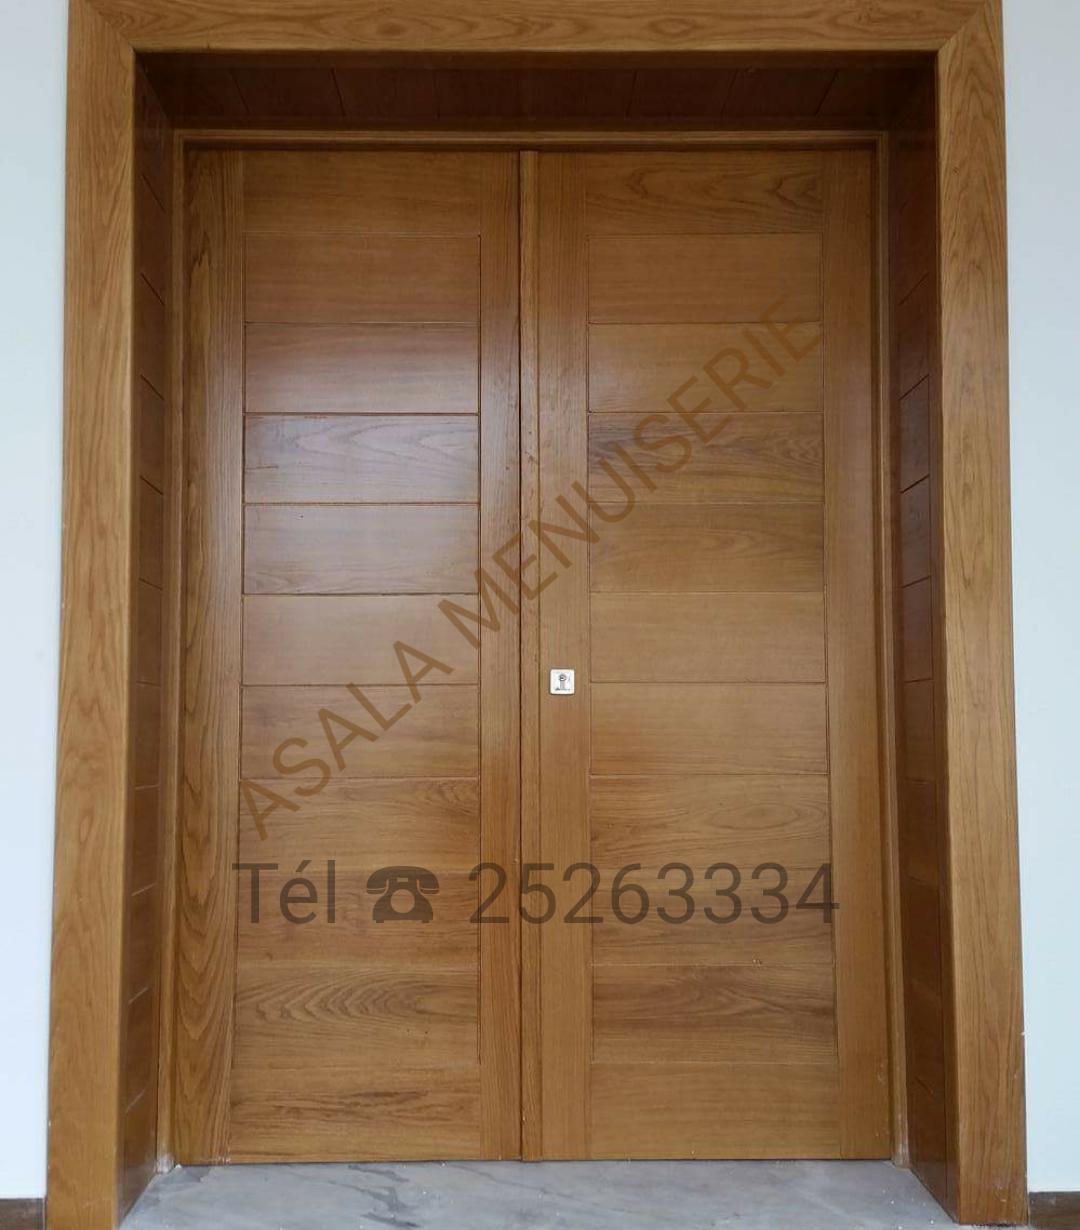 Porte D Entrée En Bois Massif Prix portes en bois nobles - meubles et décoration tunisie